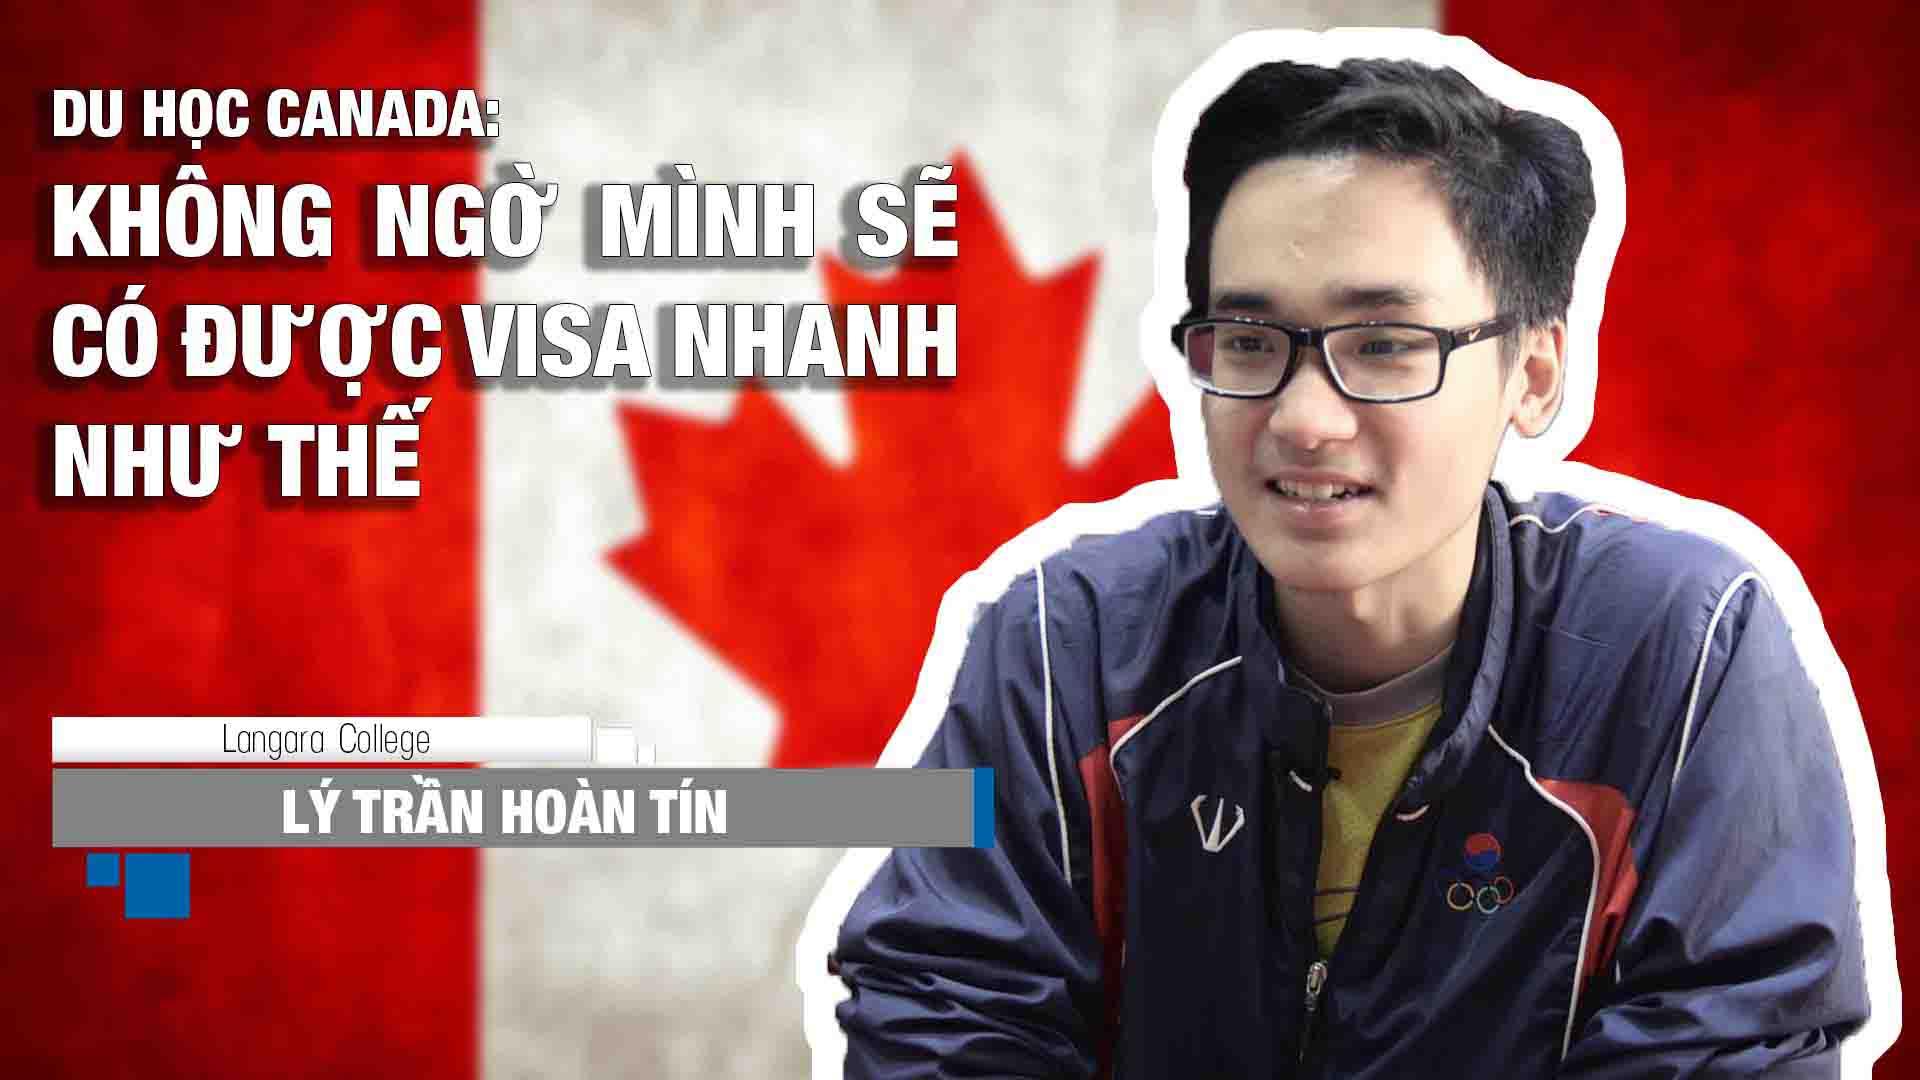 Chia sẻ của bạn Lý Trần Hoàn Tín, sinh viên trường Langara Collge (Vancouver, Canada) về việc chuẩn bị hồ sơ và làm visa du học Canada. Với Tín, quá trình này diễn ra chỉ trong vòng hơn 1 tháng, nhanh hơn rất nhiều so với mong đợi. Và công ty bạn chọn để hỗ trợ là công ty tư vấn du học INEC!